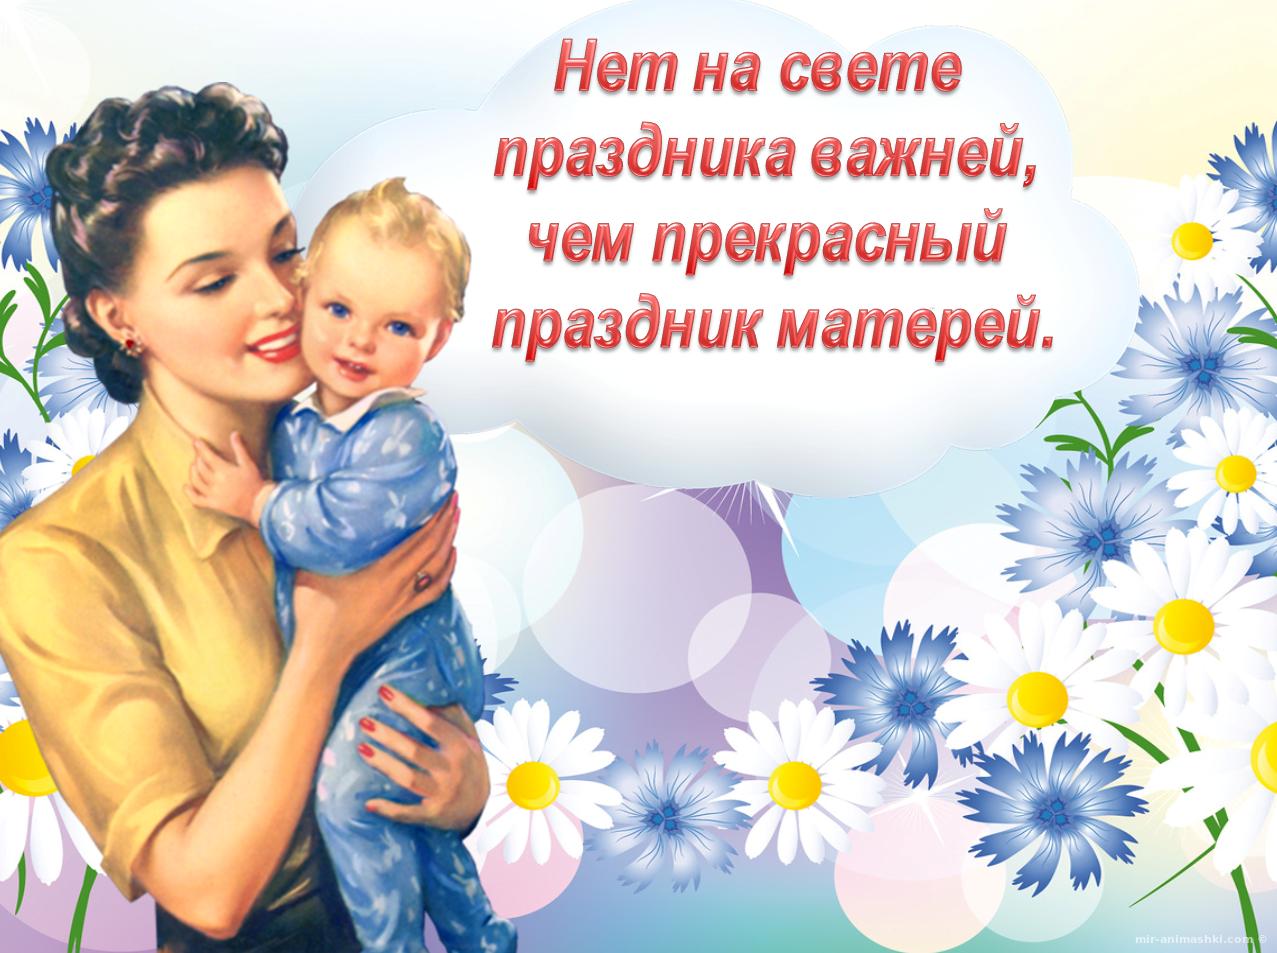 День матери в Беларуси - 14 октября 2020